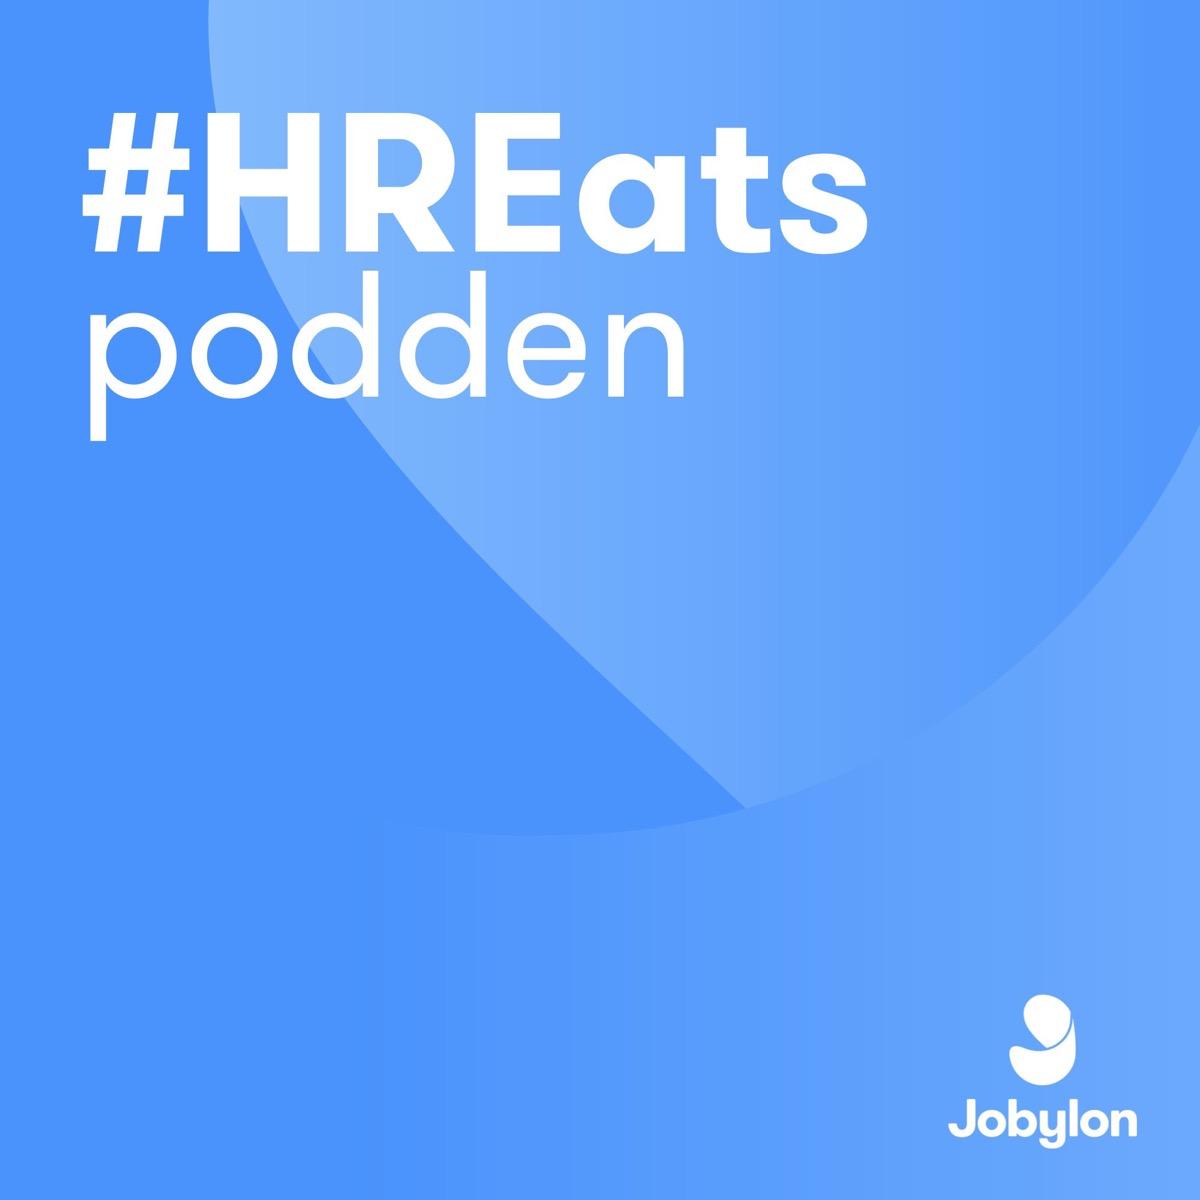 #HREatspodden cover photo